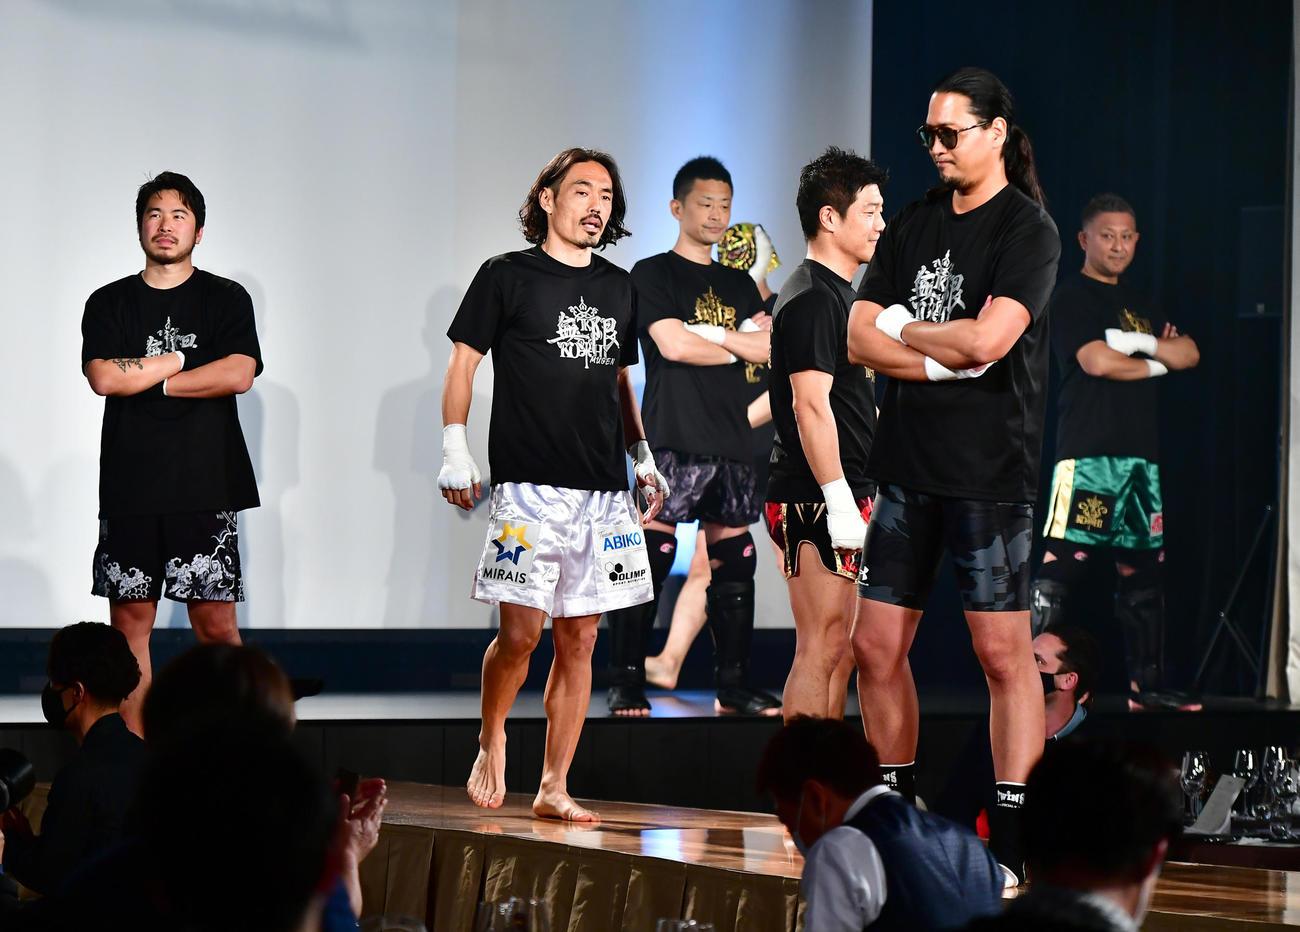 21年4月16日、格闘家デビュー戦でオープニングセレモニーに臨んだ安彦考真(中央)